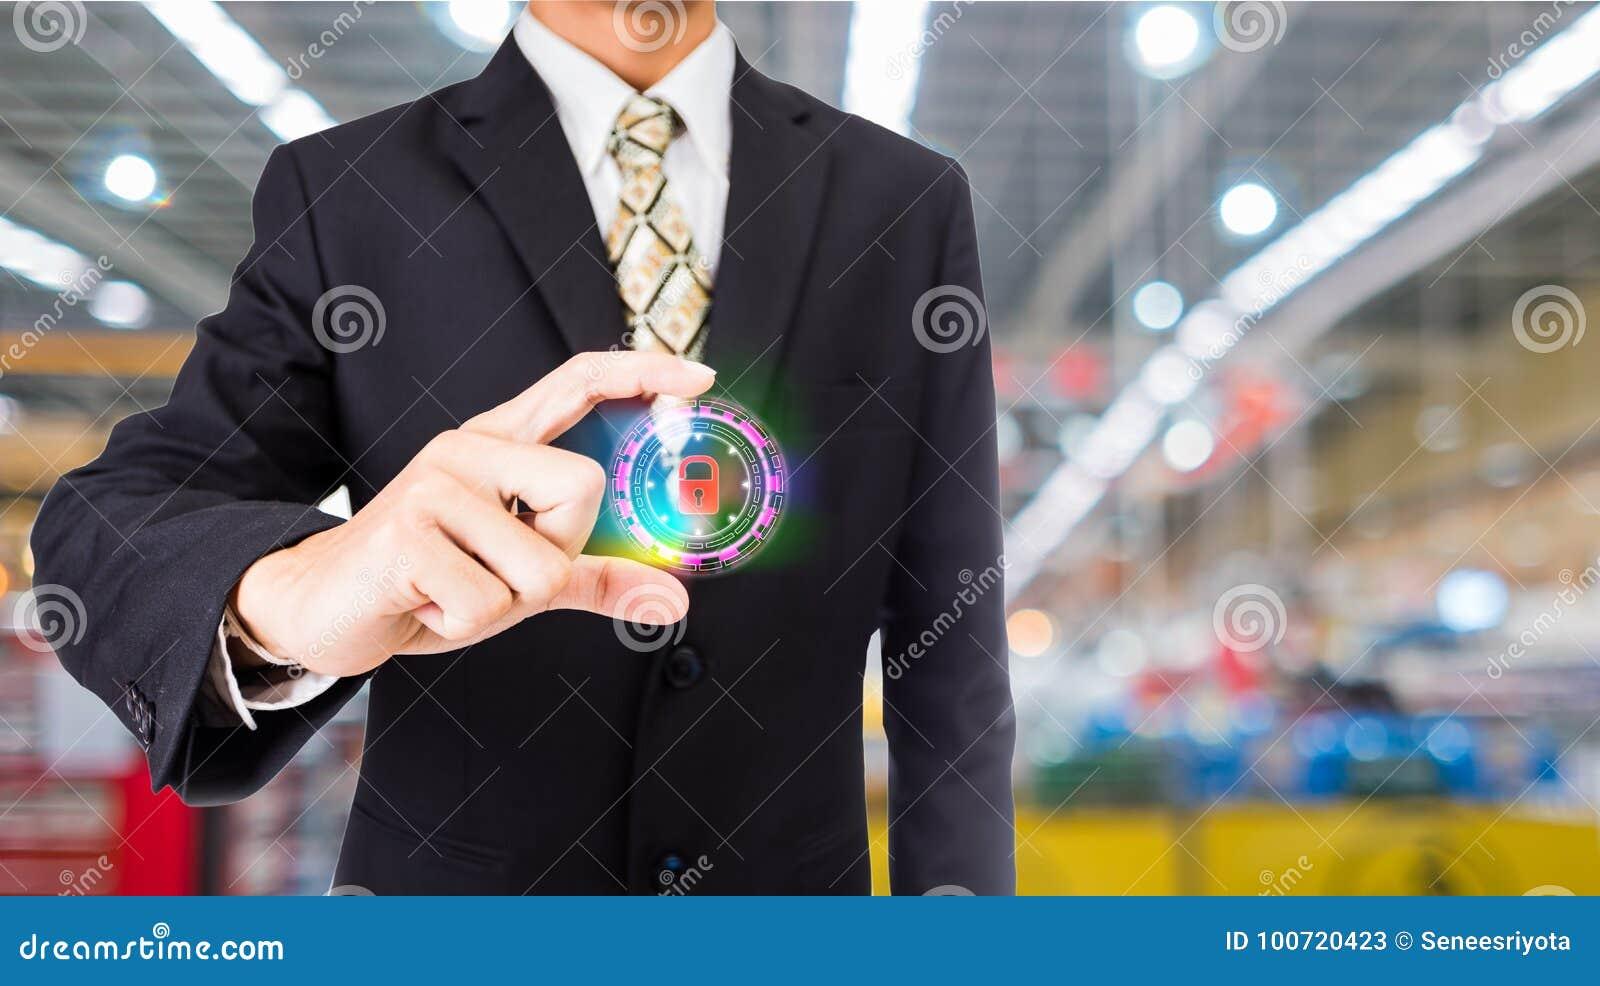 Πιέζοντας κουμπί Διαδίκτυο ασφάλειας επιχειρηματιών και έννοια δικτύωσης